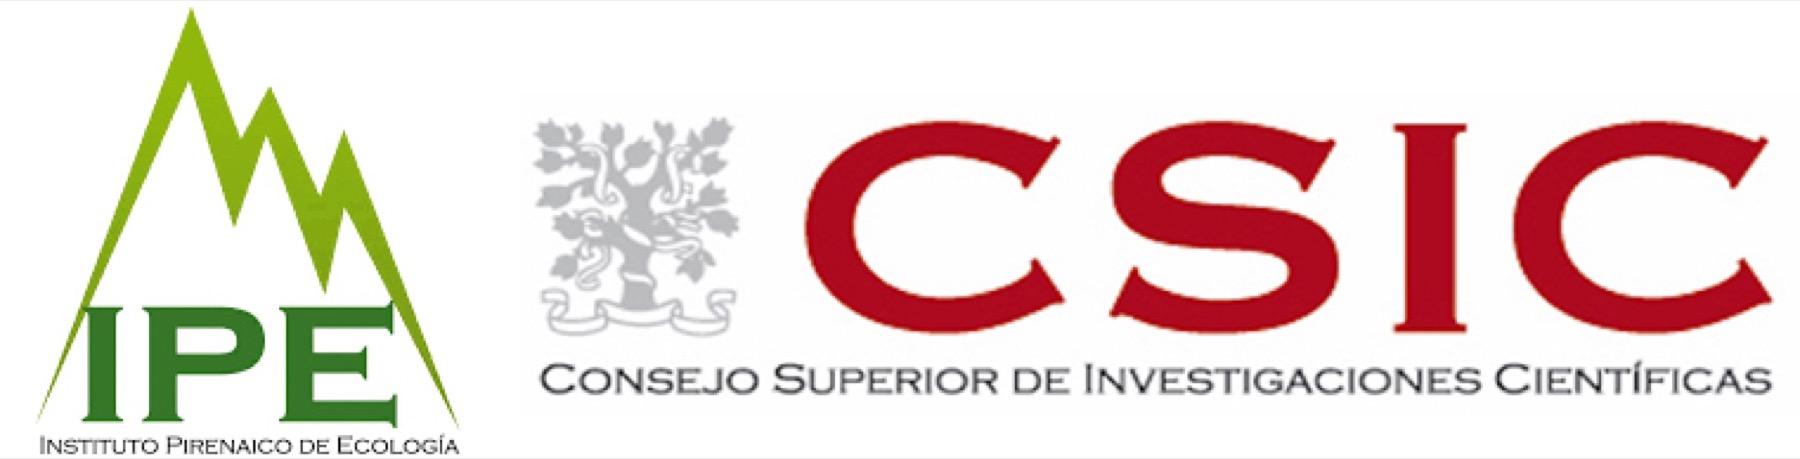 IPE-CSIC logo hor